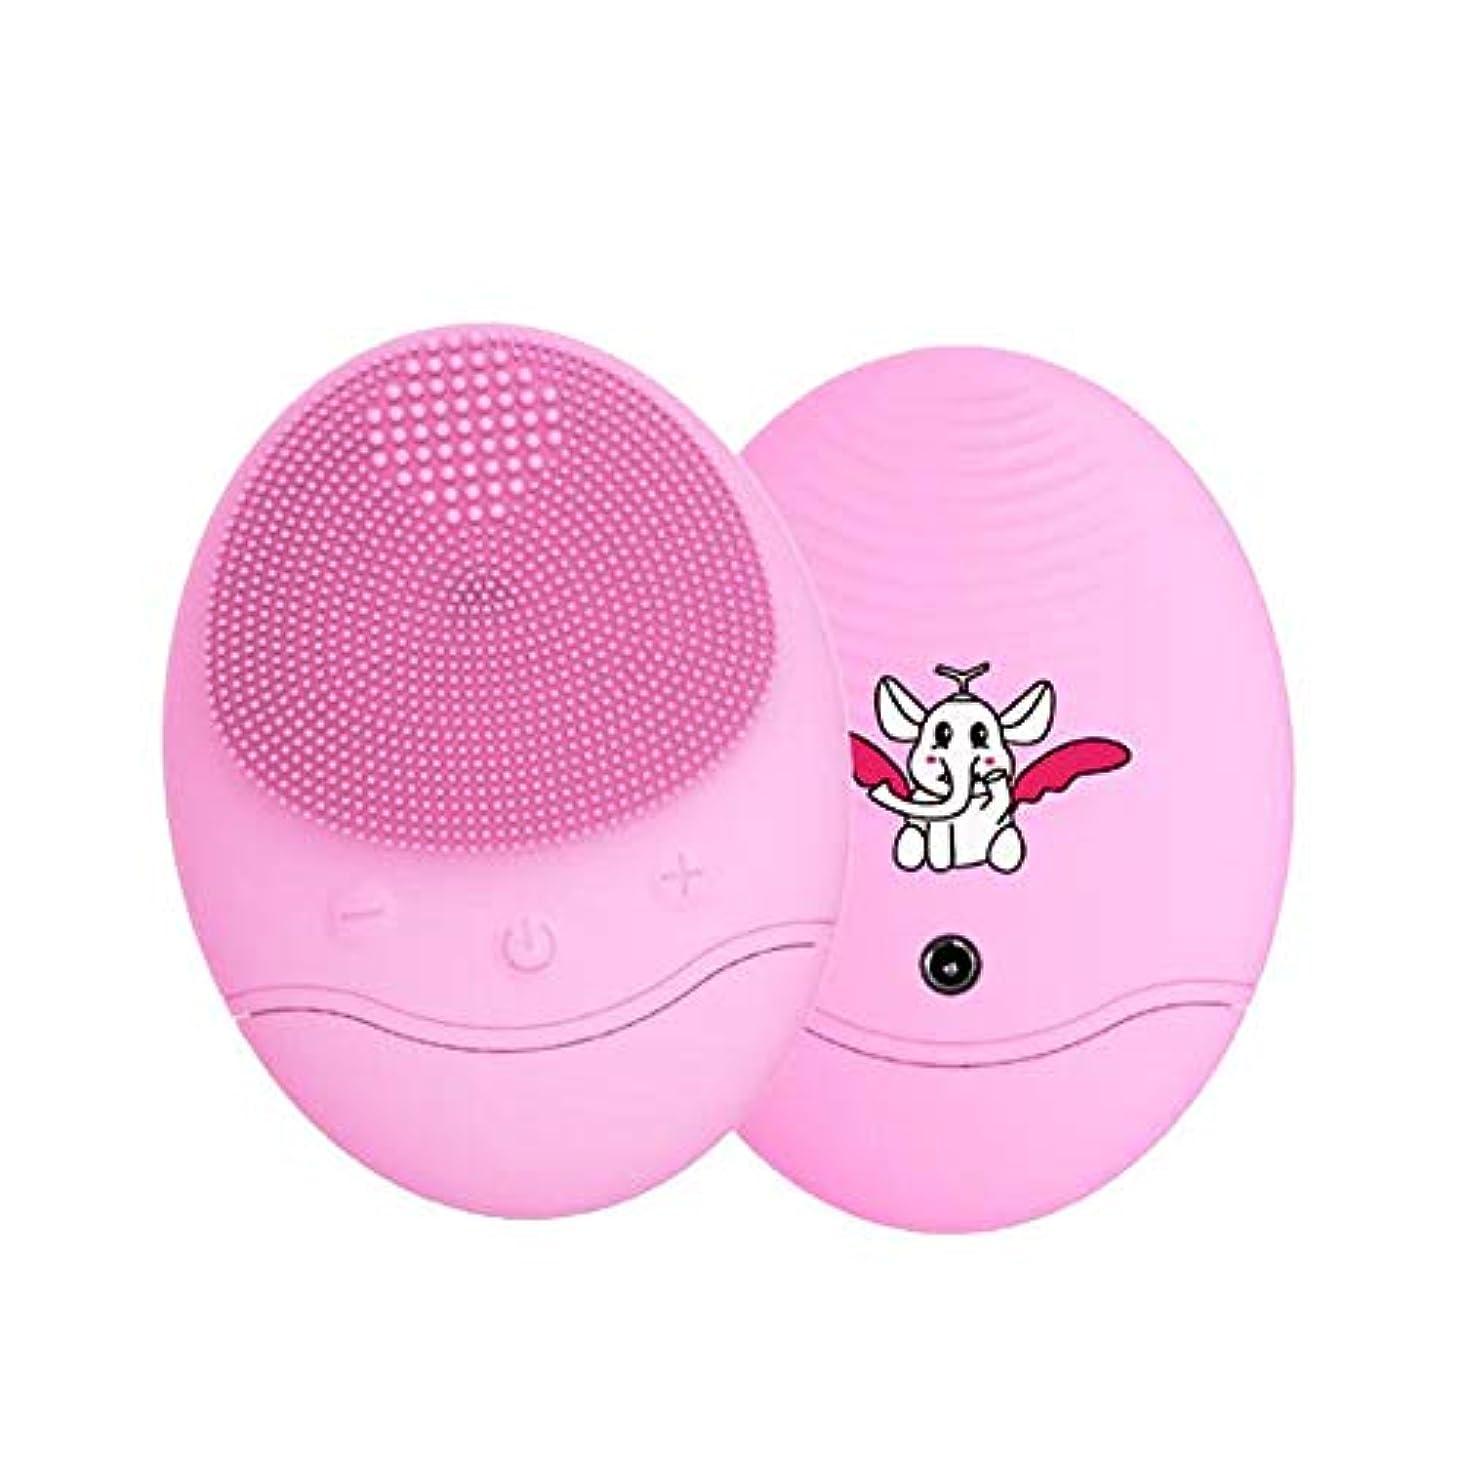 どこにもなので啓示洗顔ブラシ、ディープクレンジング、優しい角質除去、黒ずみの除去、防水クレンジング器具クレンザーマッサージUSB充電式,ピンク